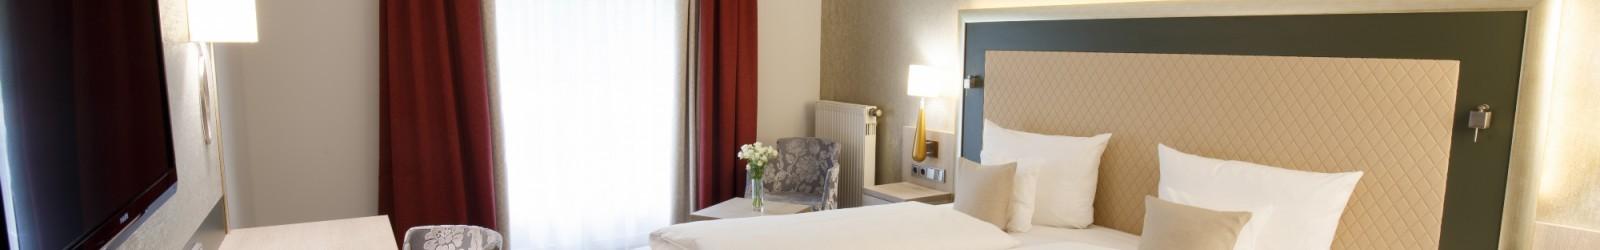 Messehotel bei München